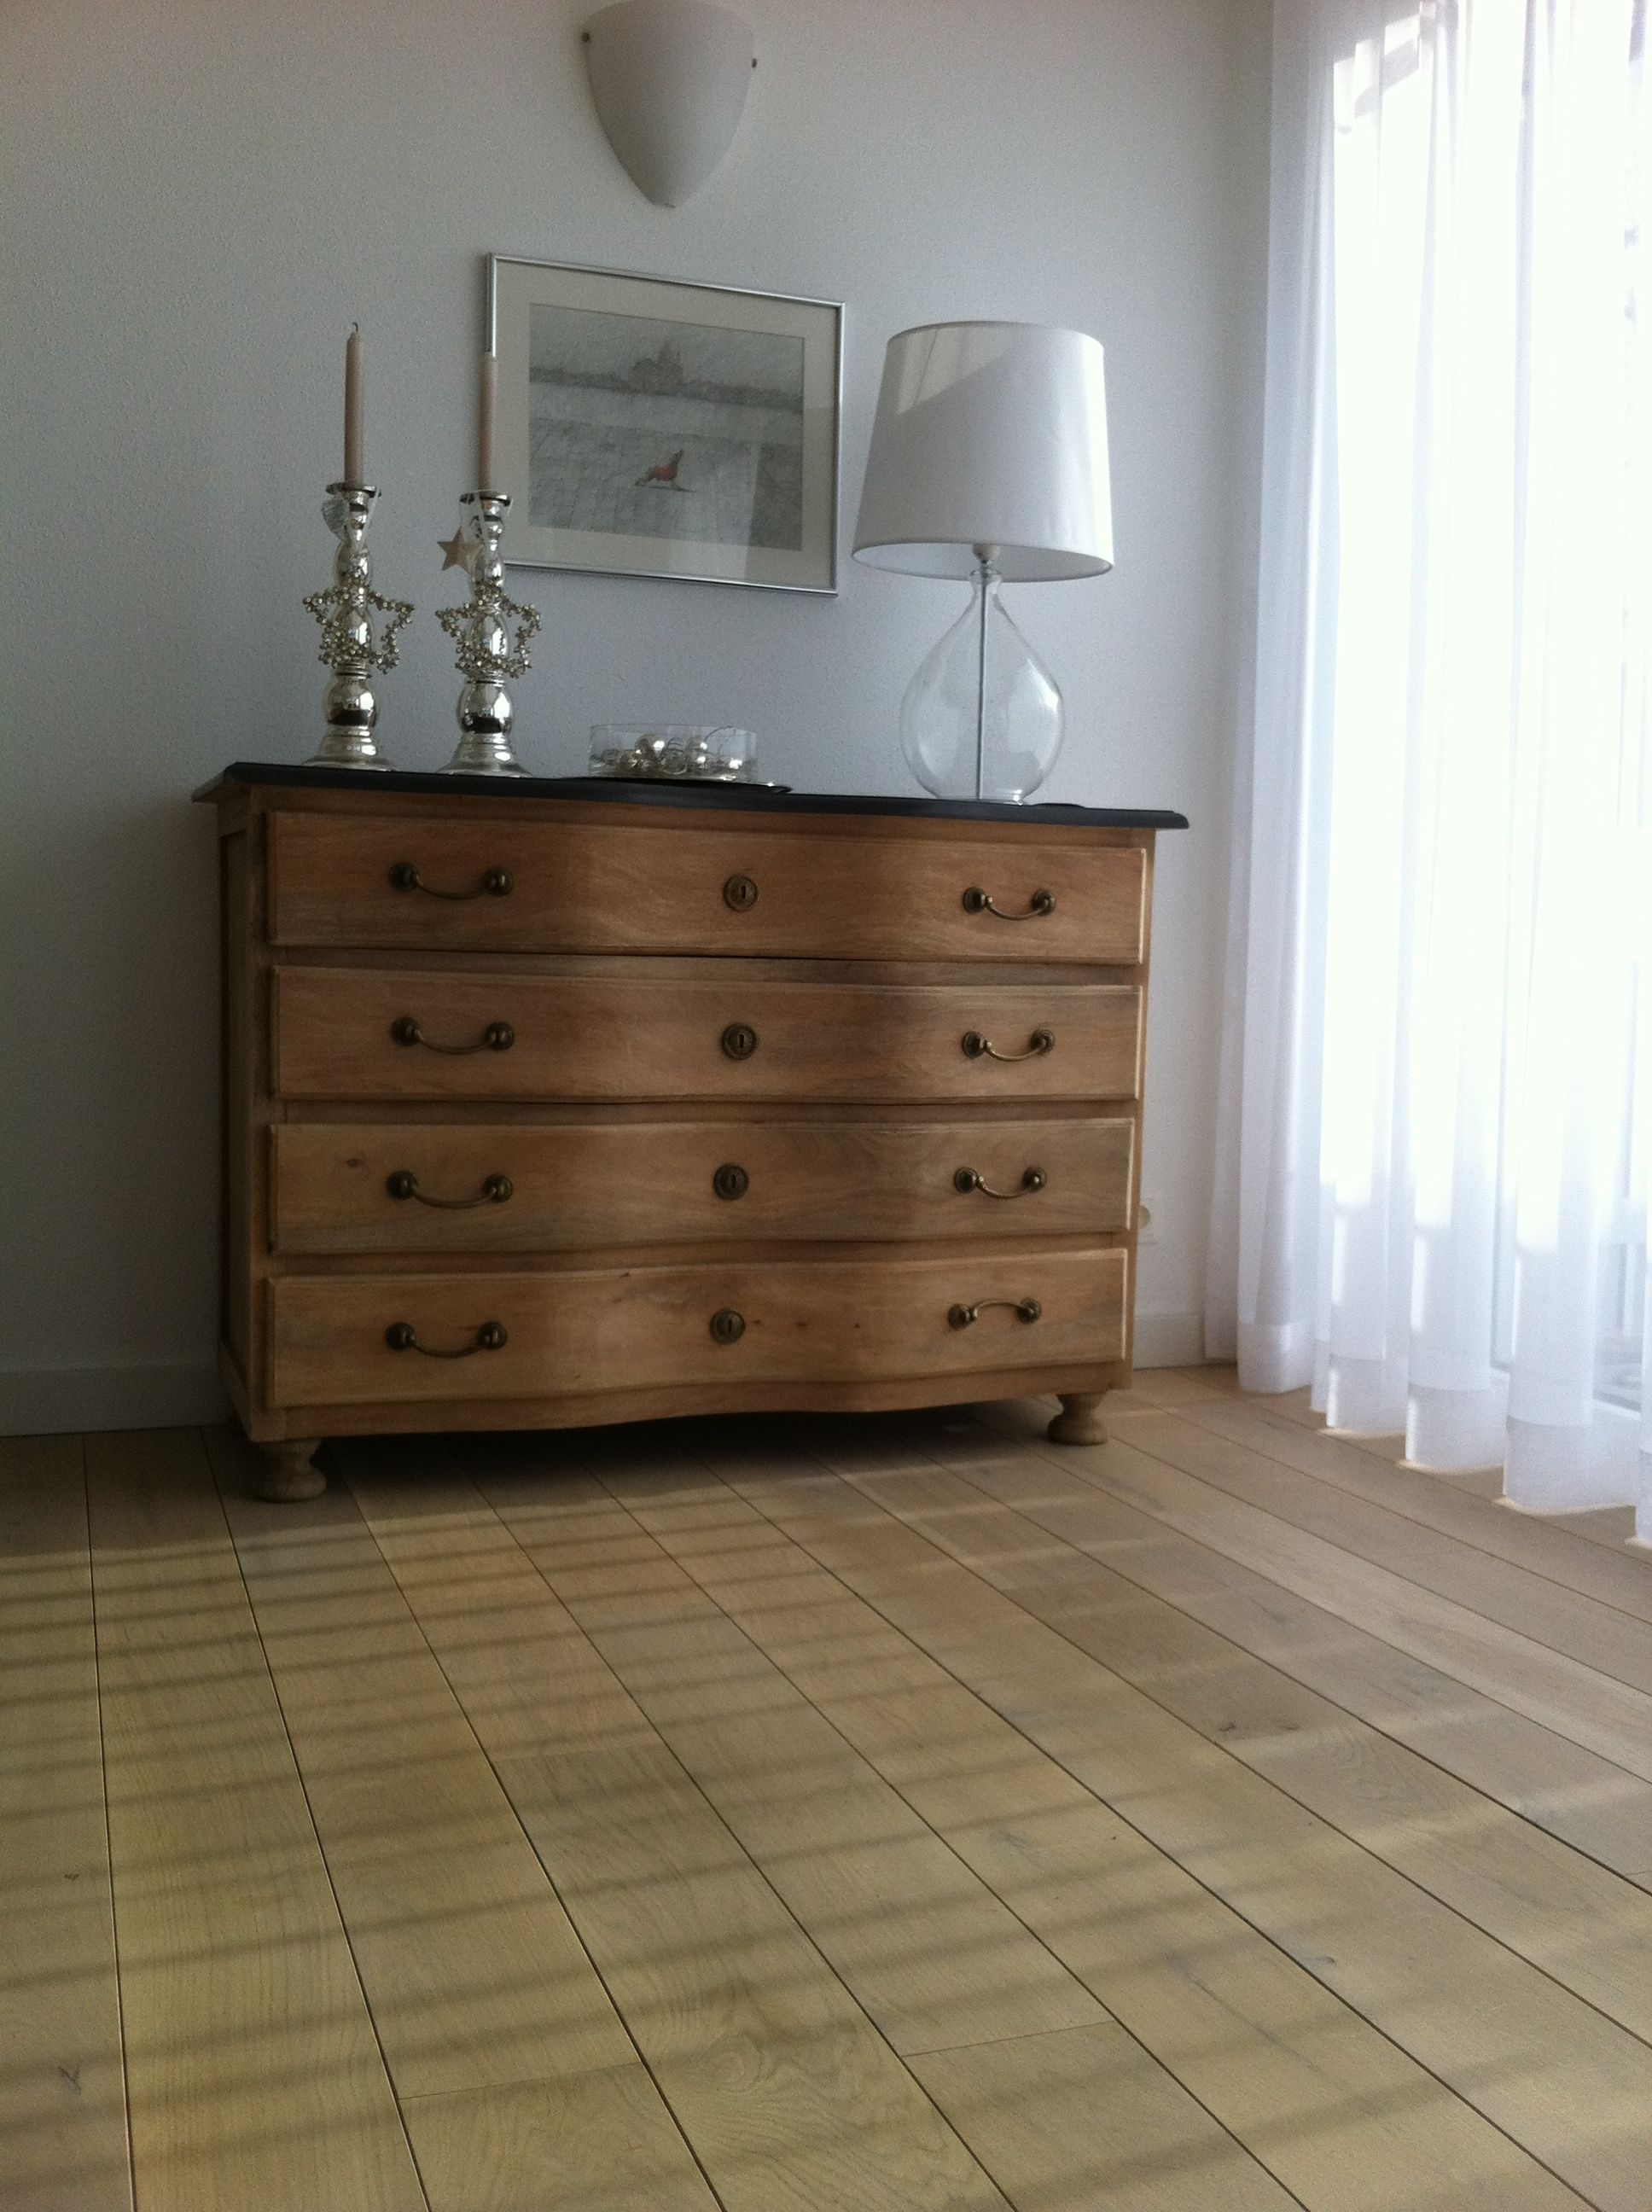 49 eichenparkett wei ge lt wohnen leben pinterest eichenparkett 49er und parkett. Black Bedroom Furniture Sets. Home Design Ideas